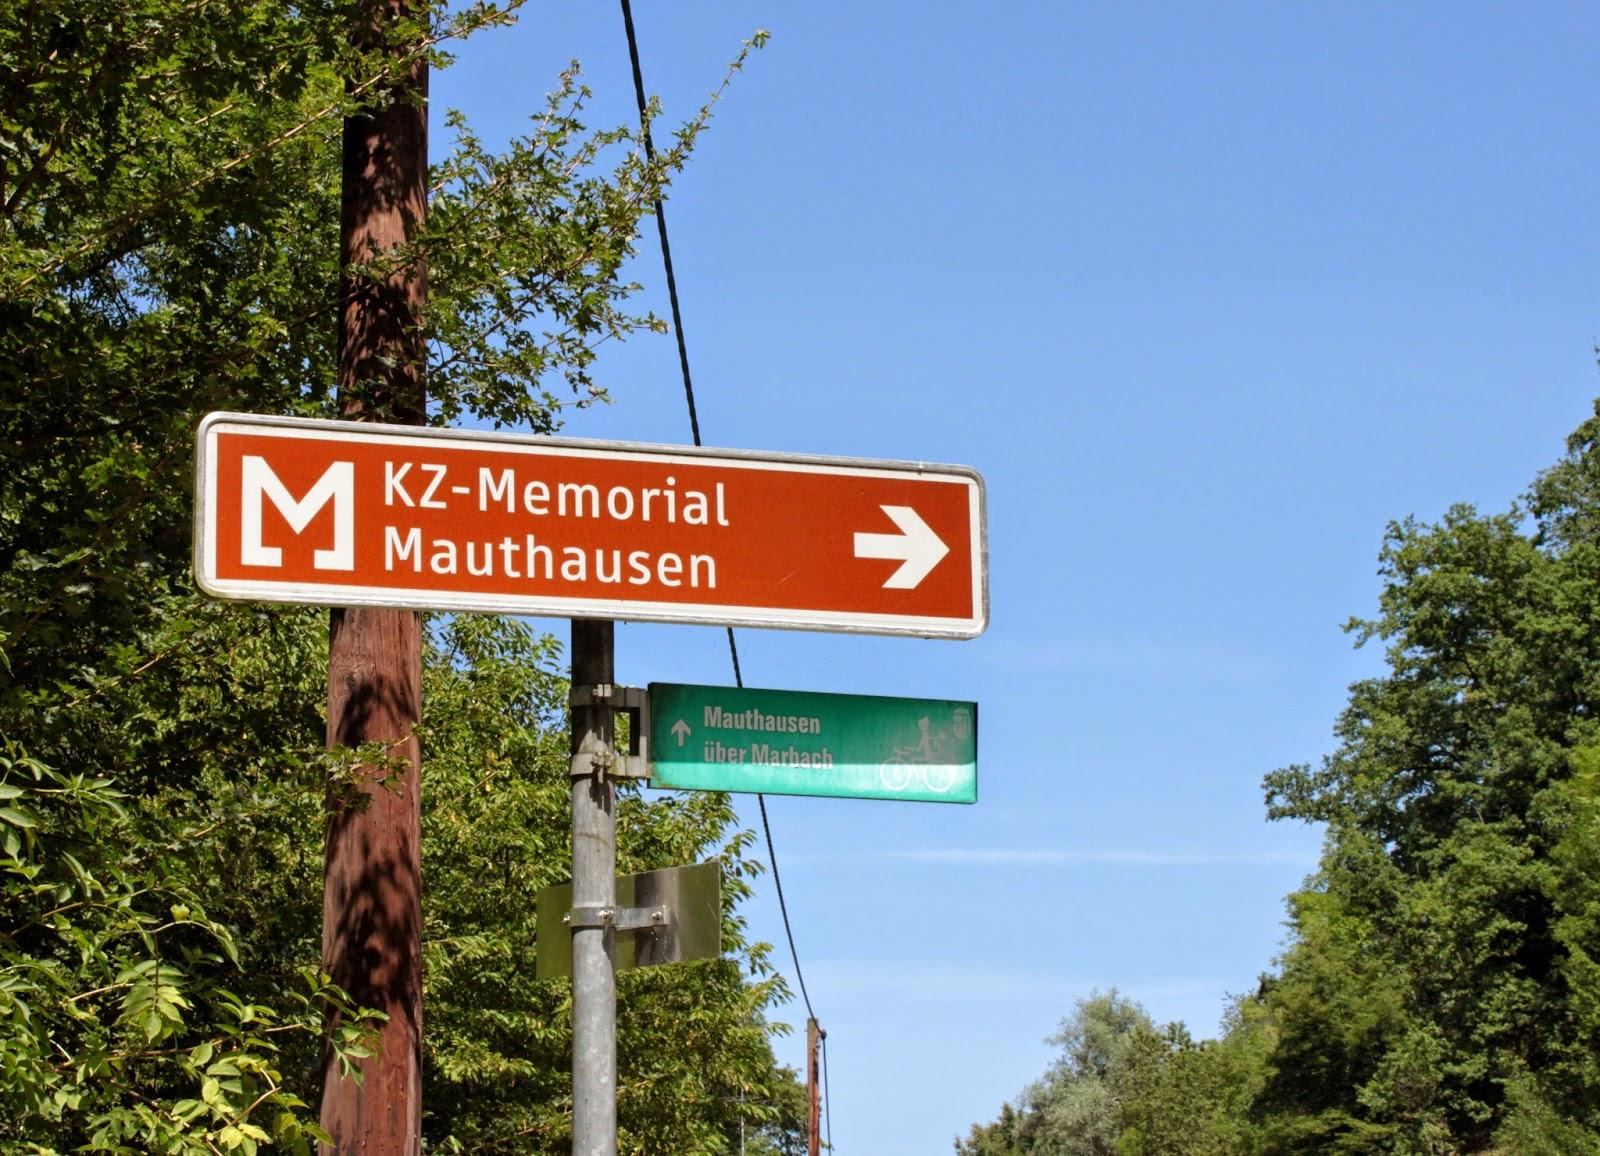 Mauthausen Memorial